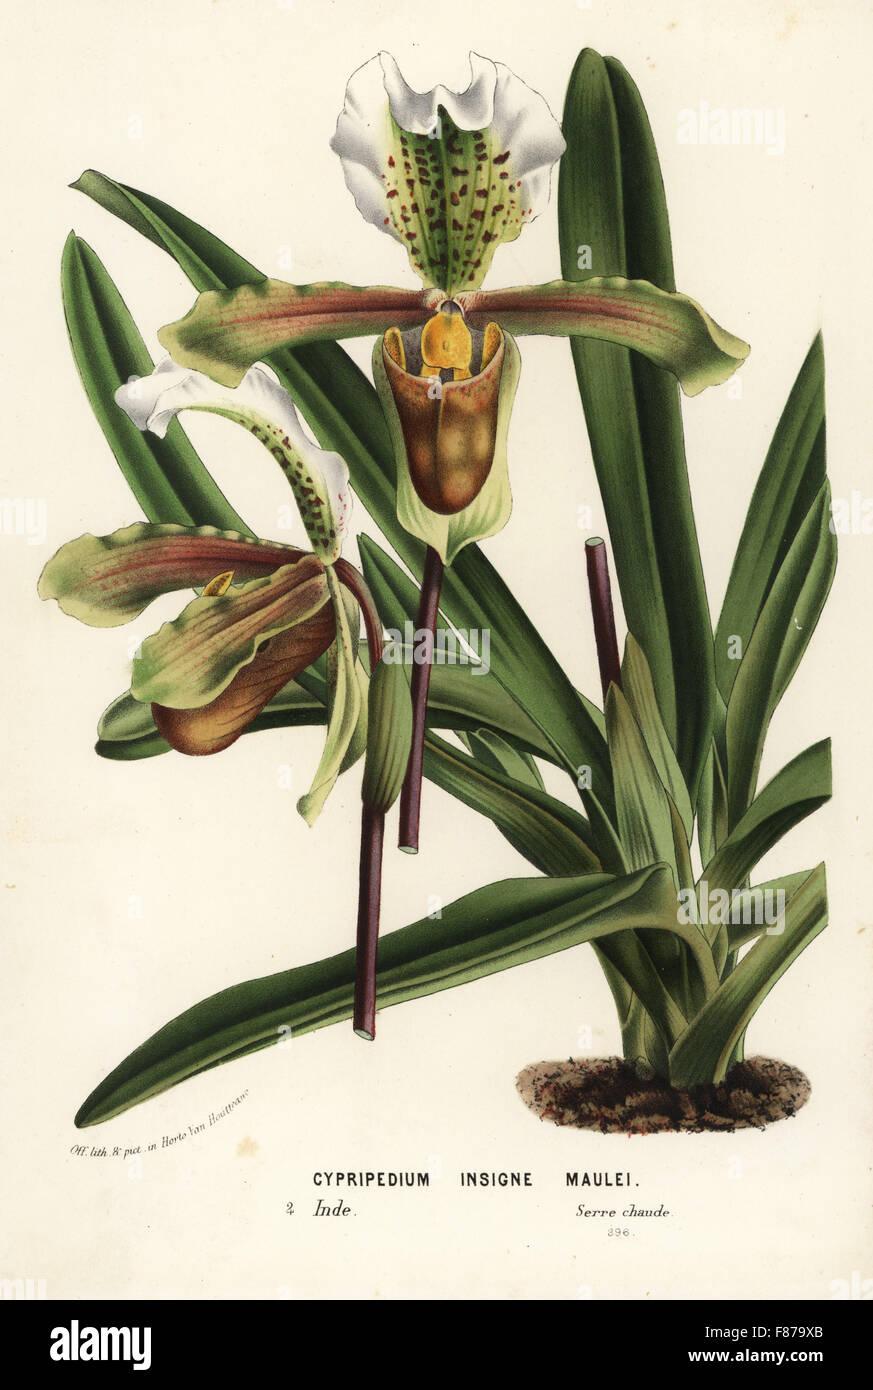 Paphiopedilum Insigne Orchidee (Cypripedium Insigne Maulei ...